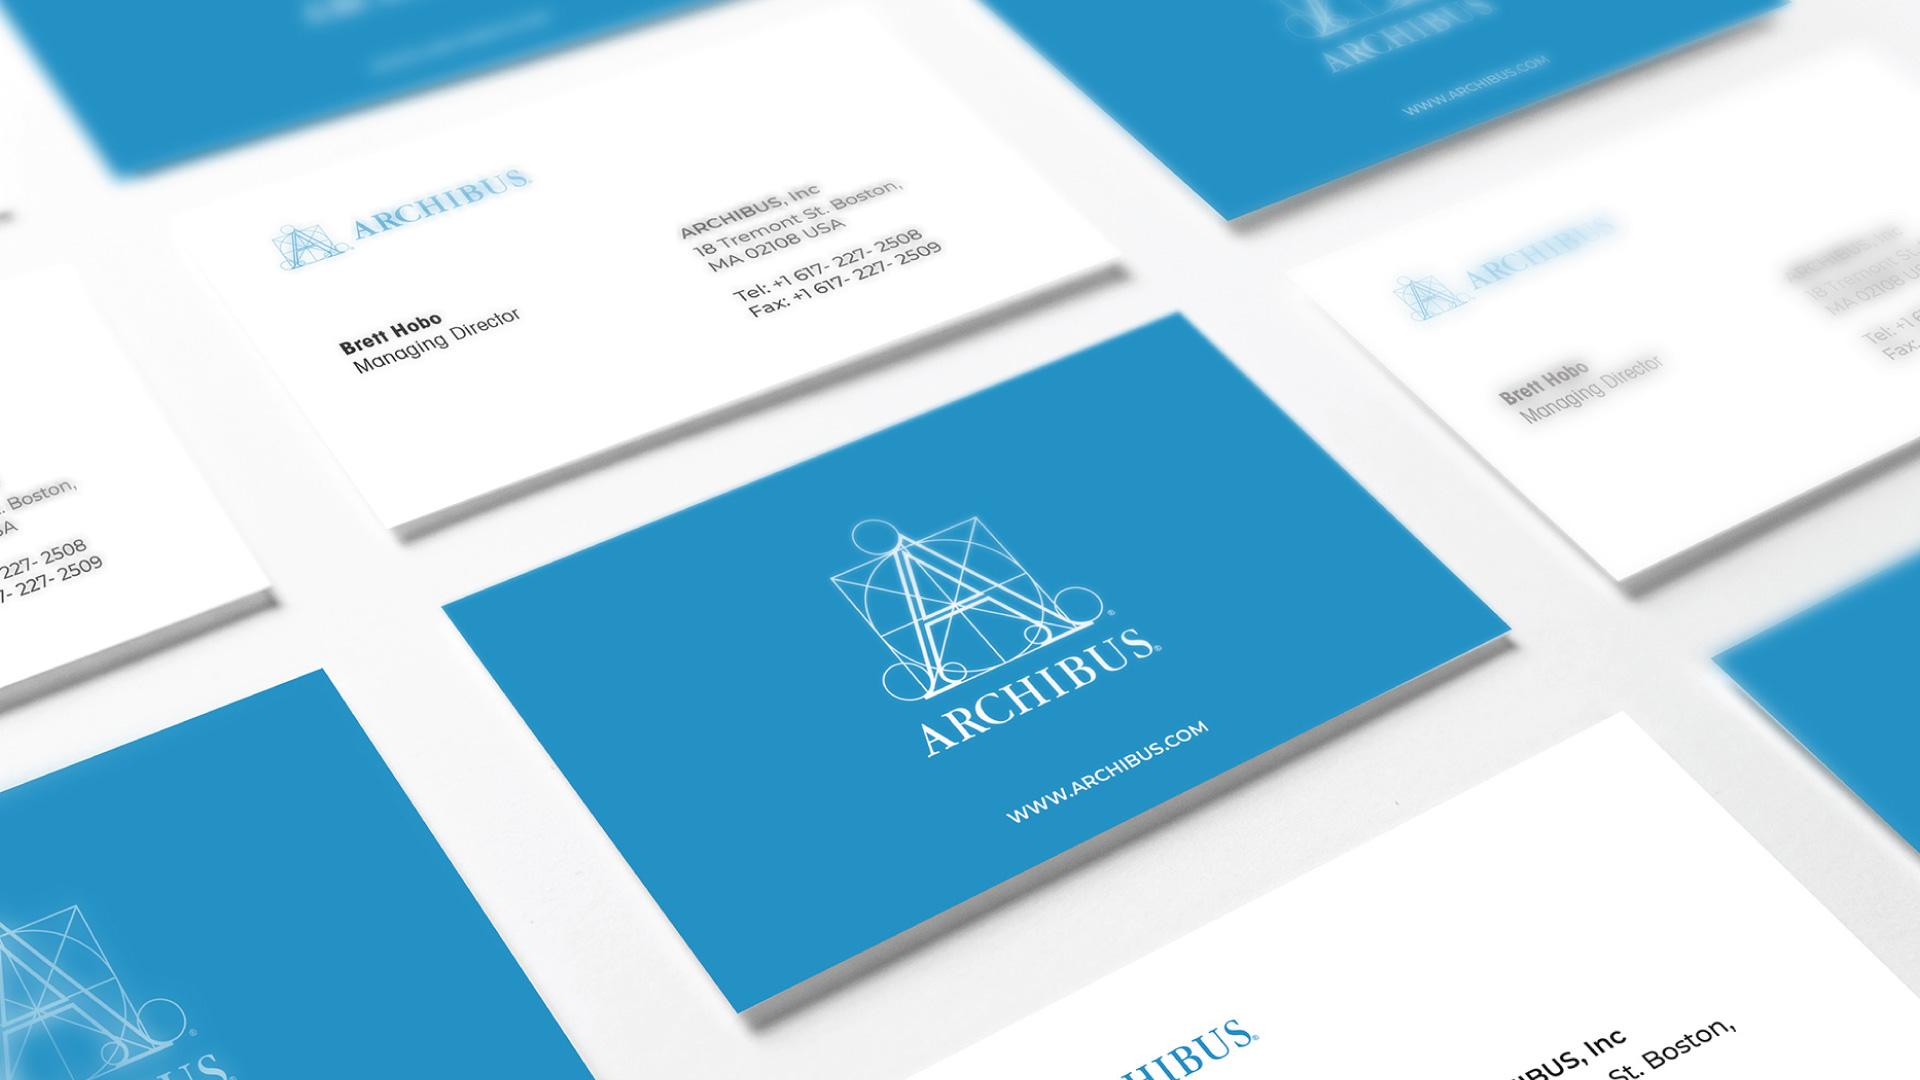 Archibus Branding